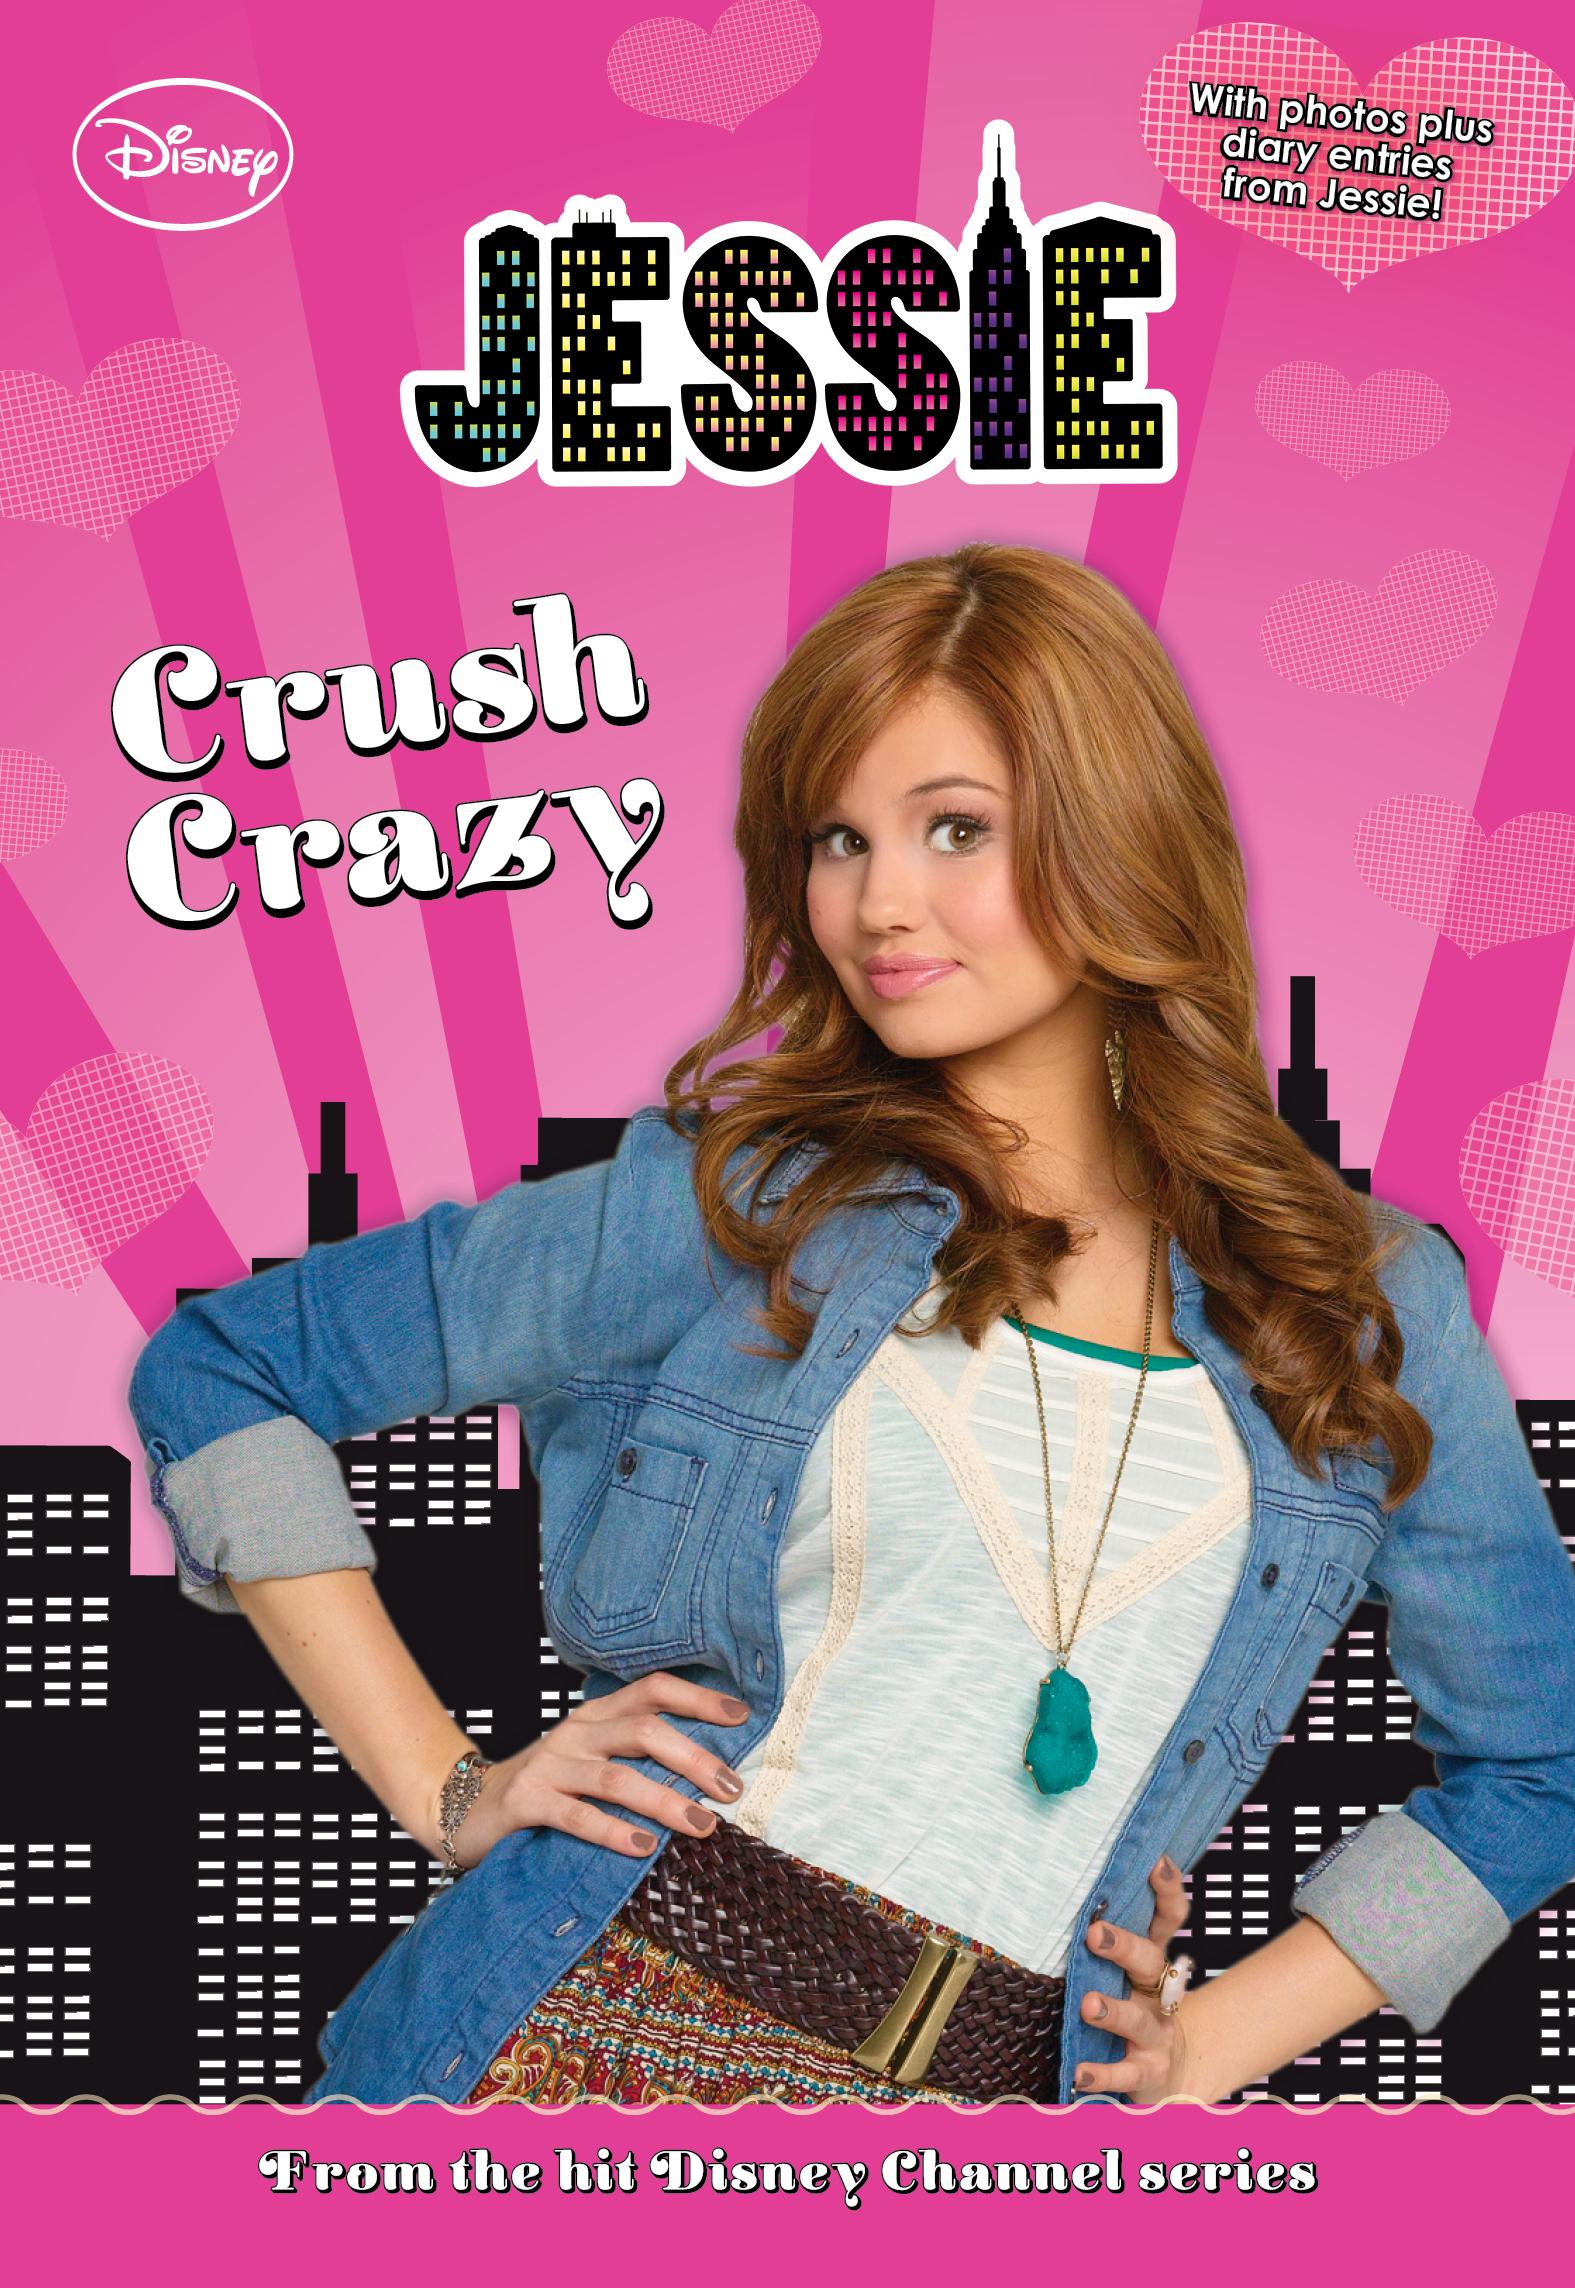 Crush Crazy